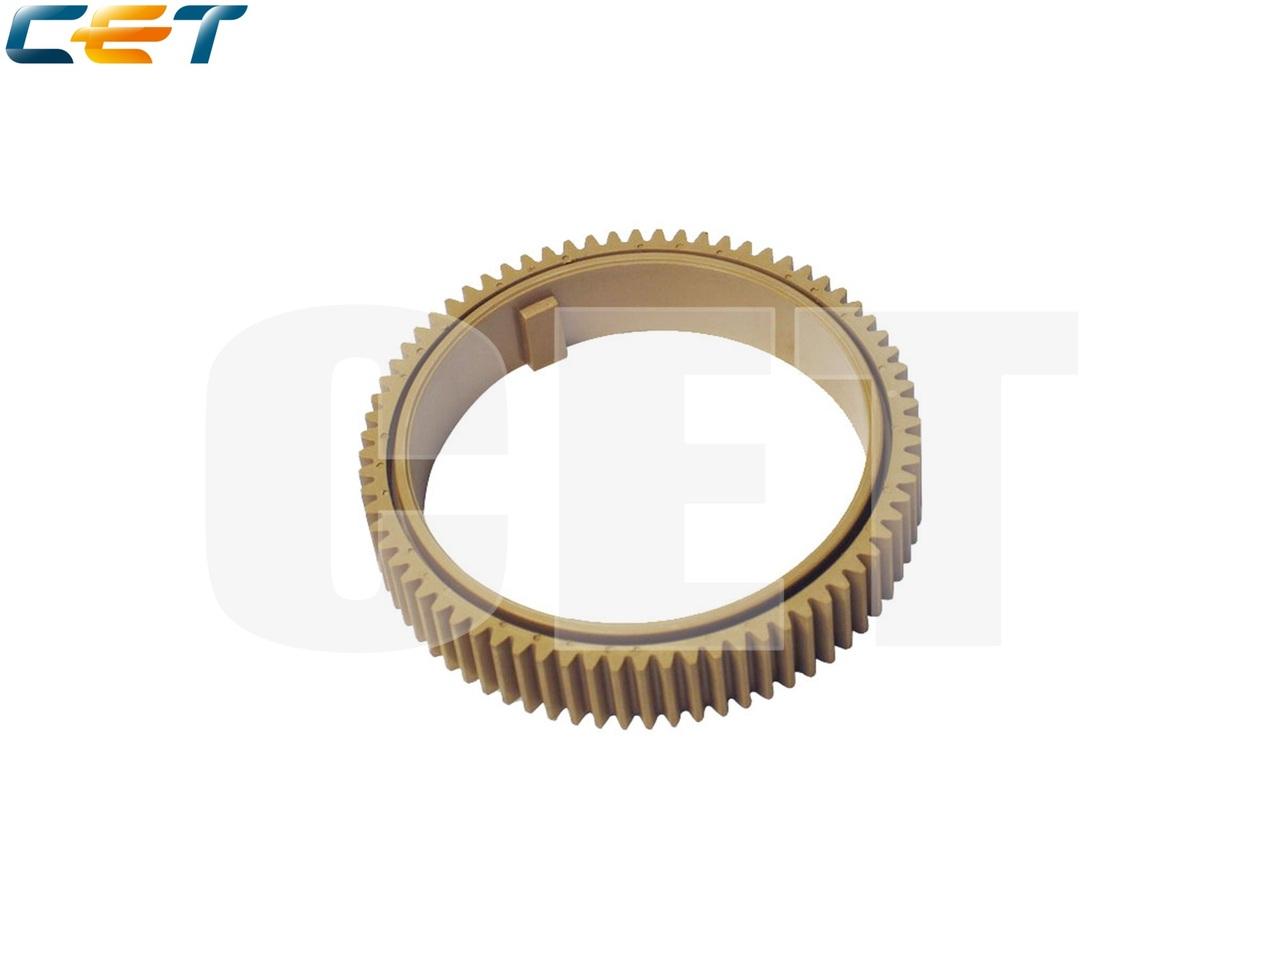 Шестерня привода тефлонового вала 72T 6LA05260000 дляTOSHIBA E-Studio 550/650/810 (CET), CET7509